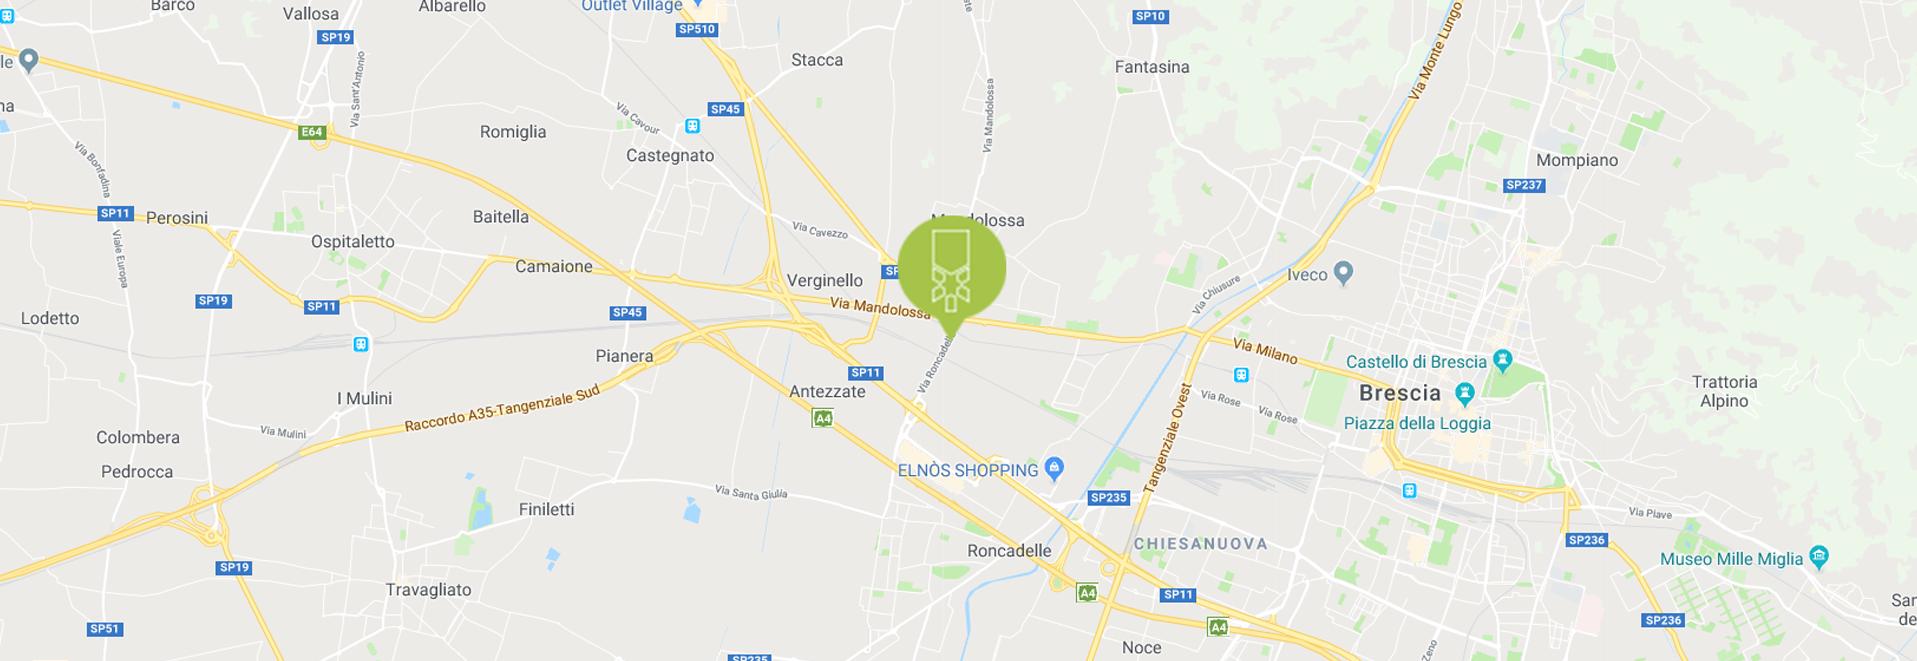 Mappa stradale - Stea S.r.l. Brescia